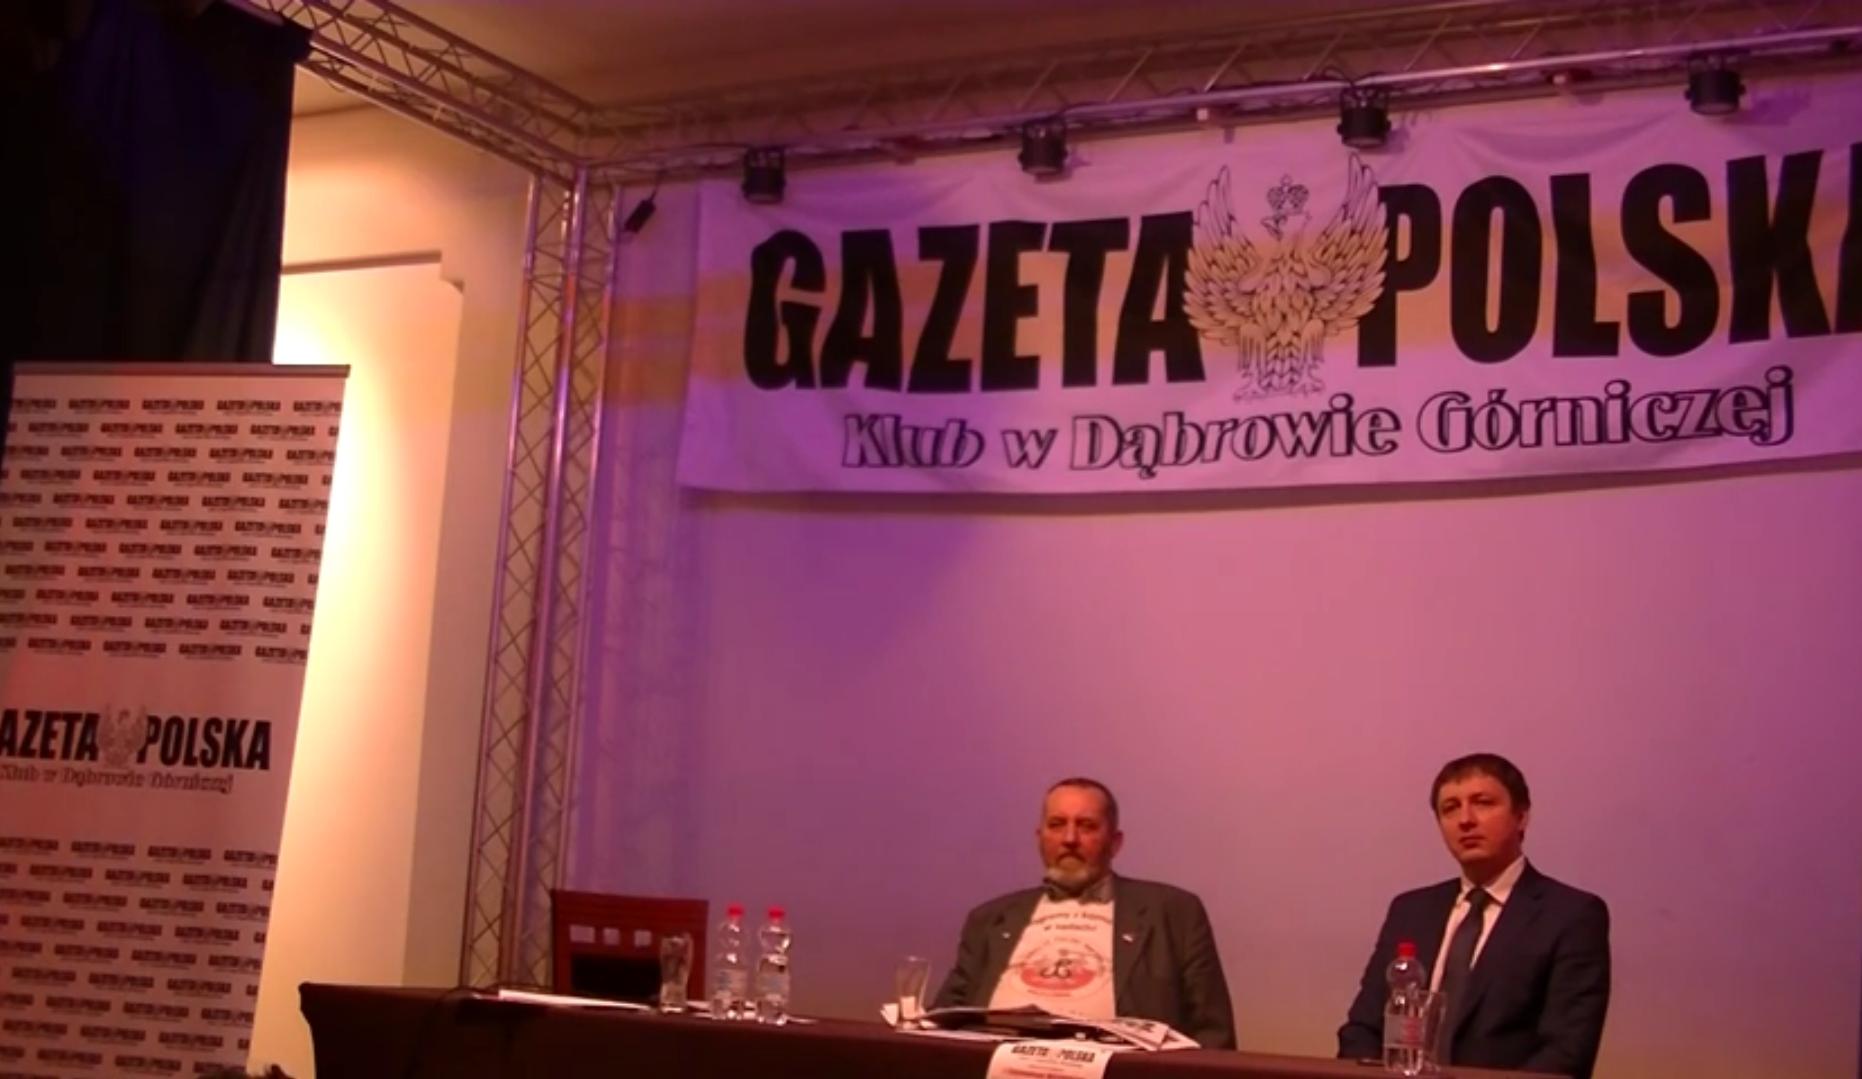 WOLNY CZYN: Miernik w Dąbrowie